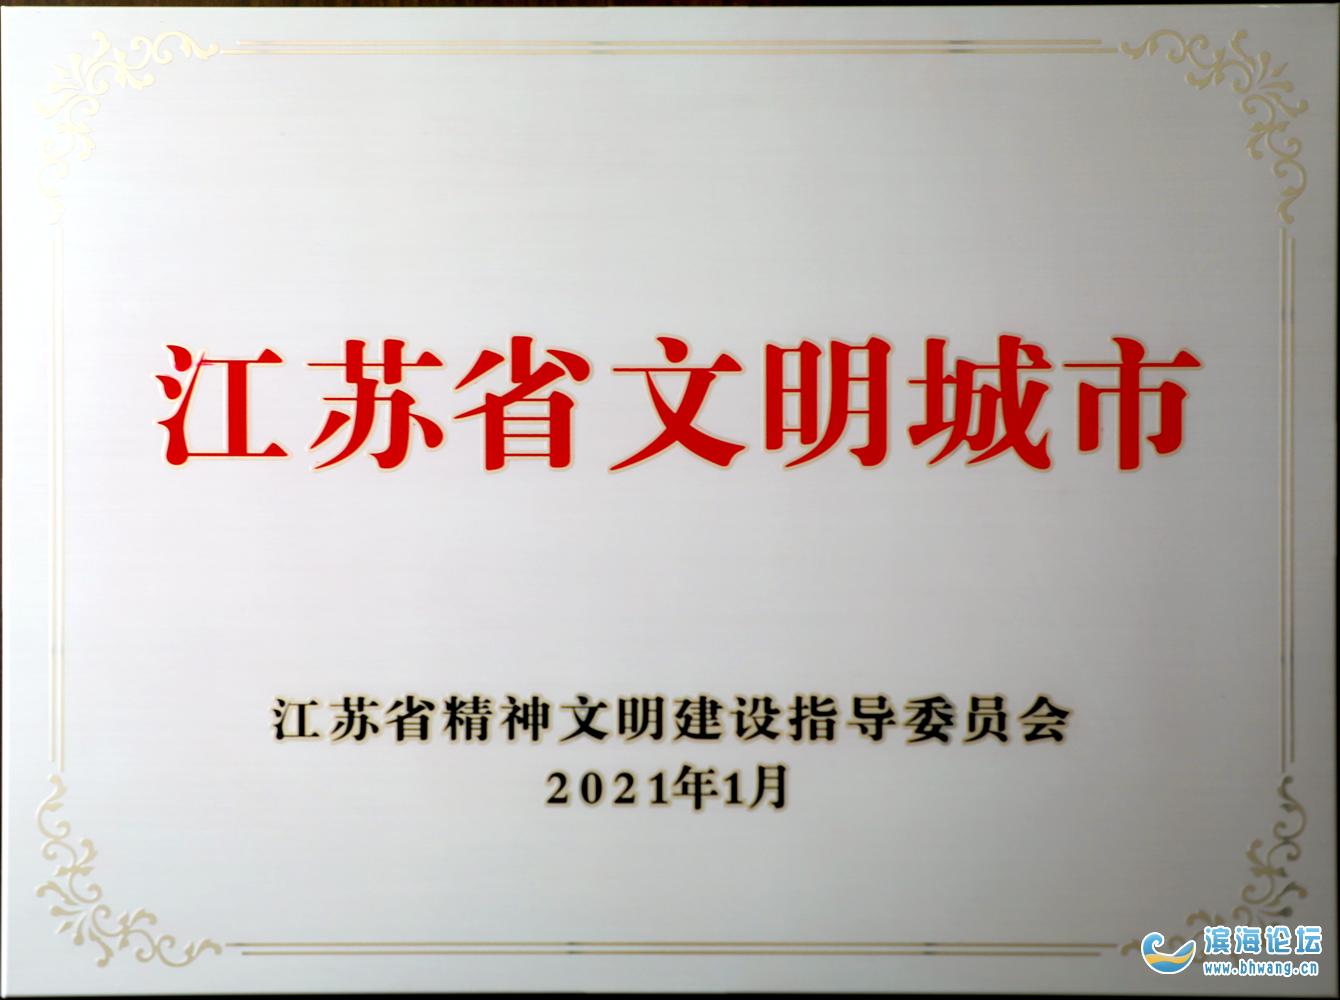 滨海再获江苏省文明城市殊荣!感谢有你……